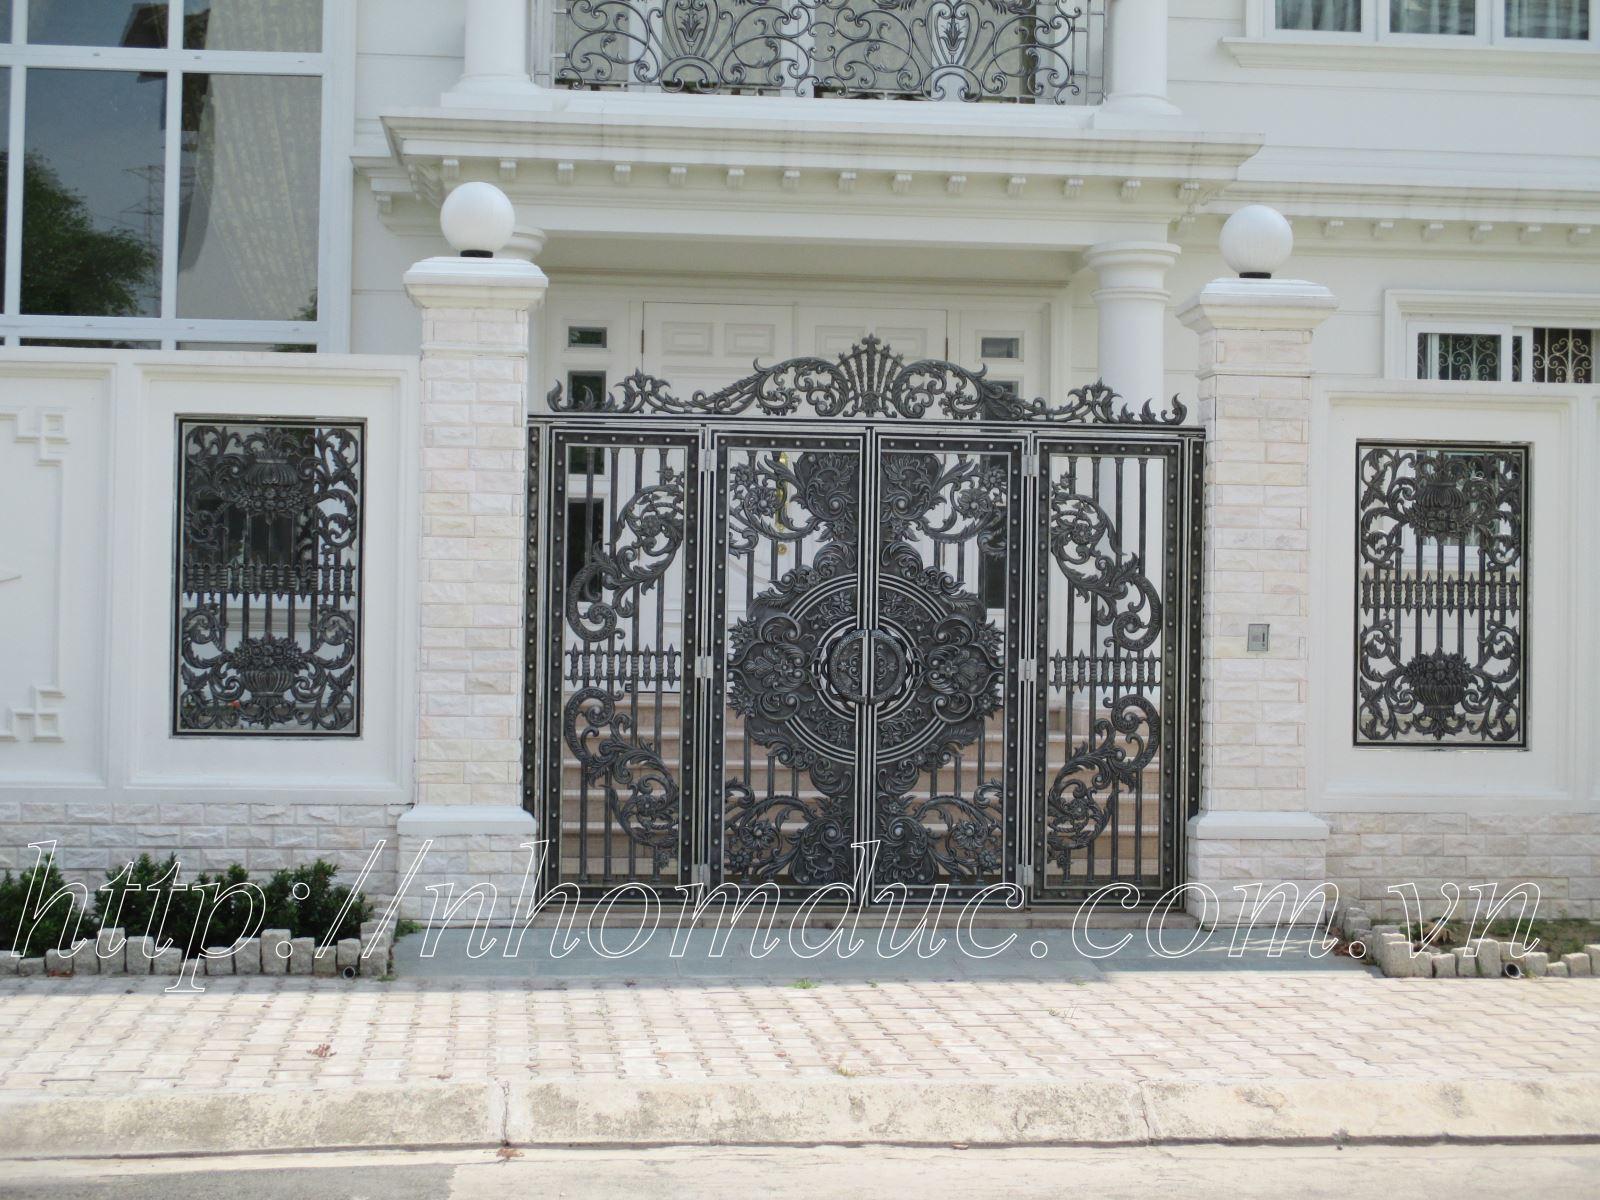 Cổng nhôm đúc đẹp, cửa nhôm đúc đẹp, các sản phẩm nhôm đúc đẹp khác như hàng rào, lan can, ban công, cầu thang, thông gió nhôm đúc